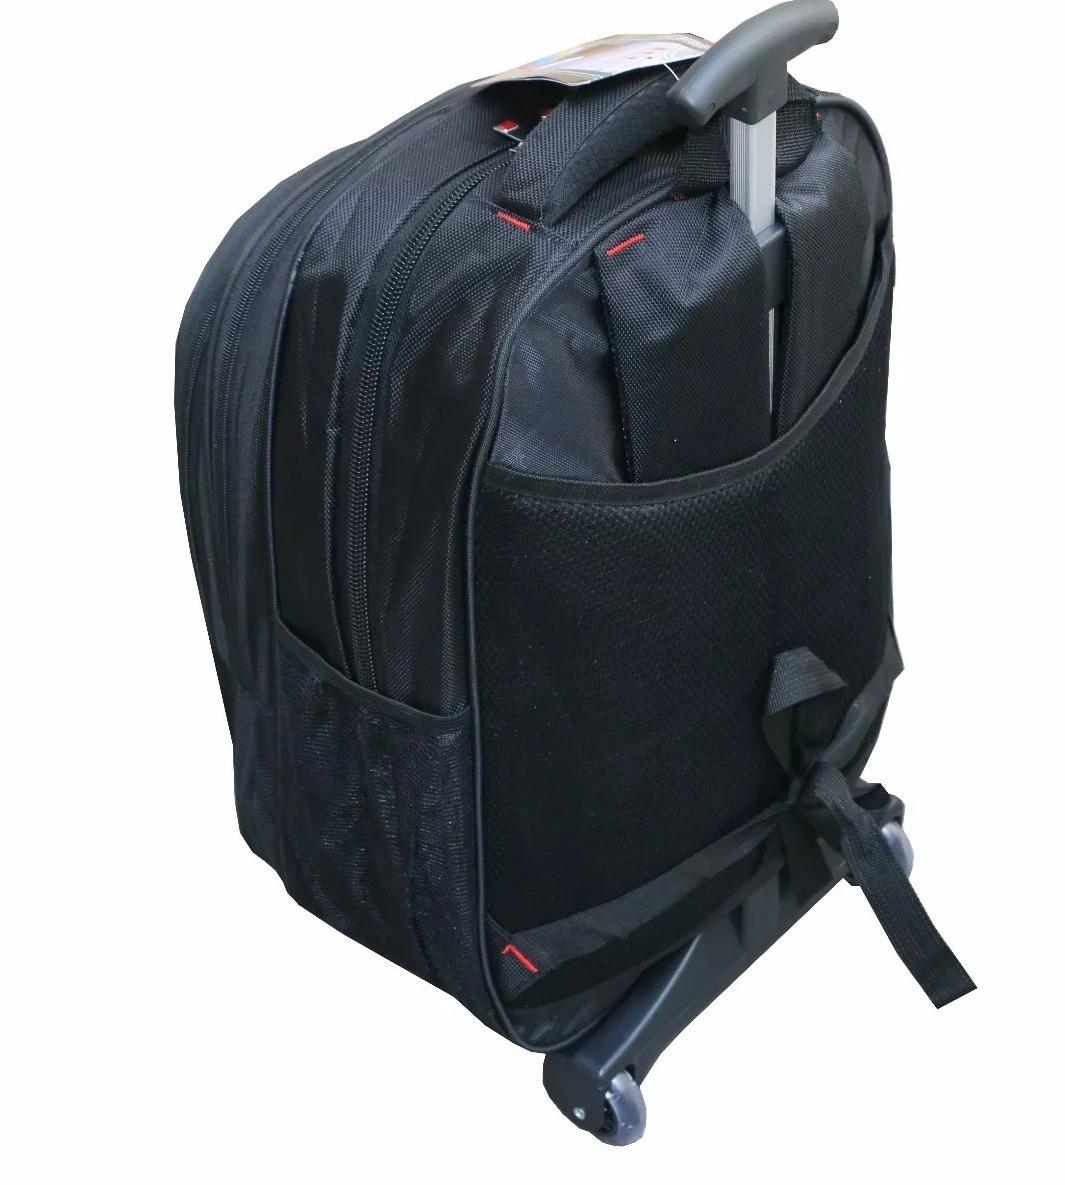 896101d62 mochila reforçada com porta notebook masculina fem ref 193. Carregando zoom.